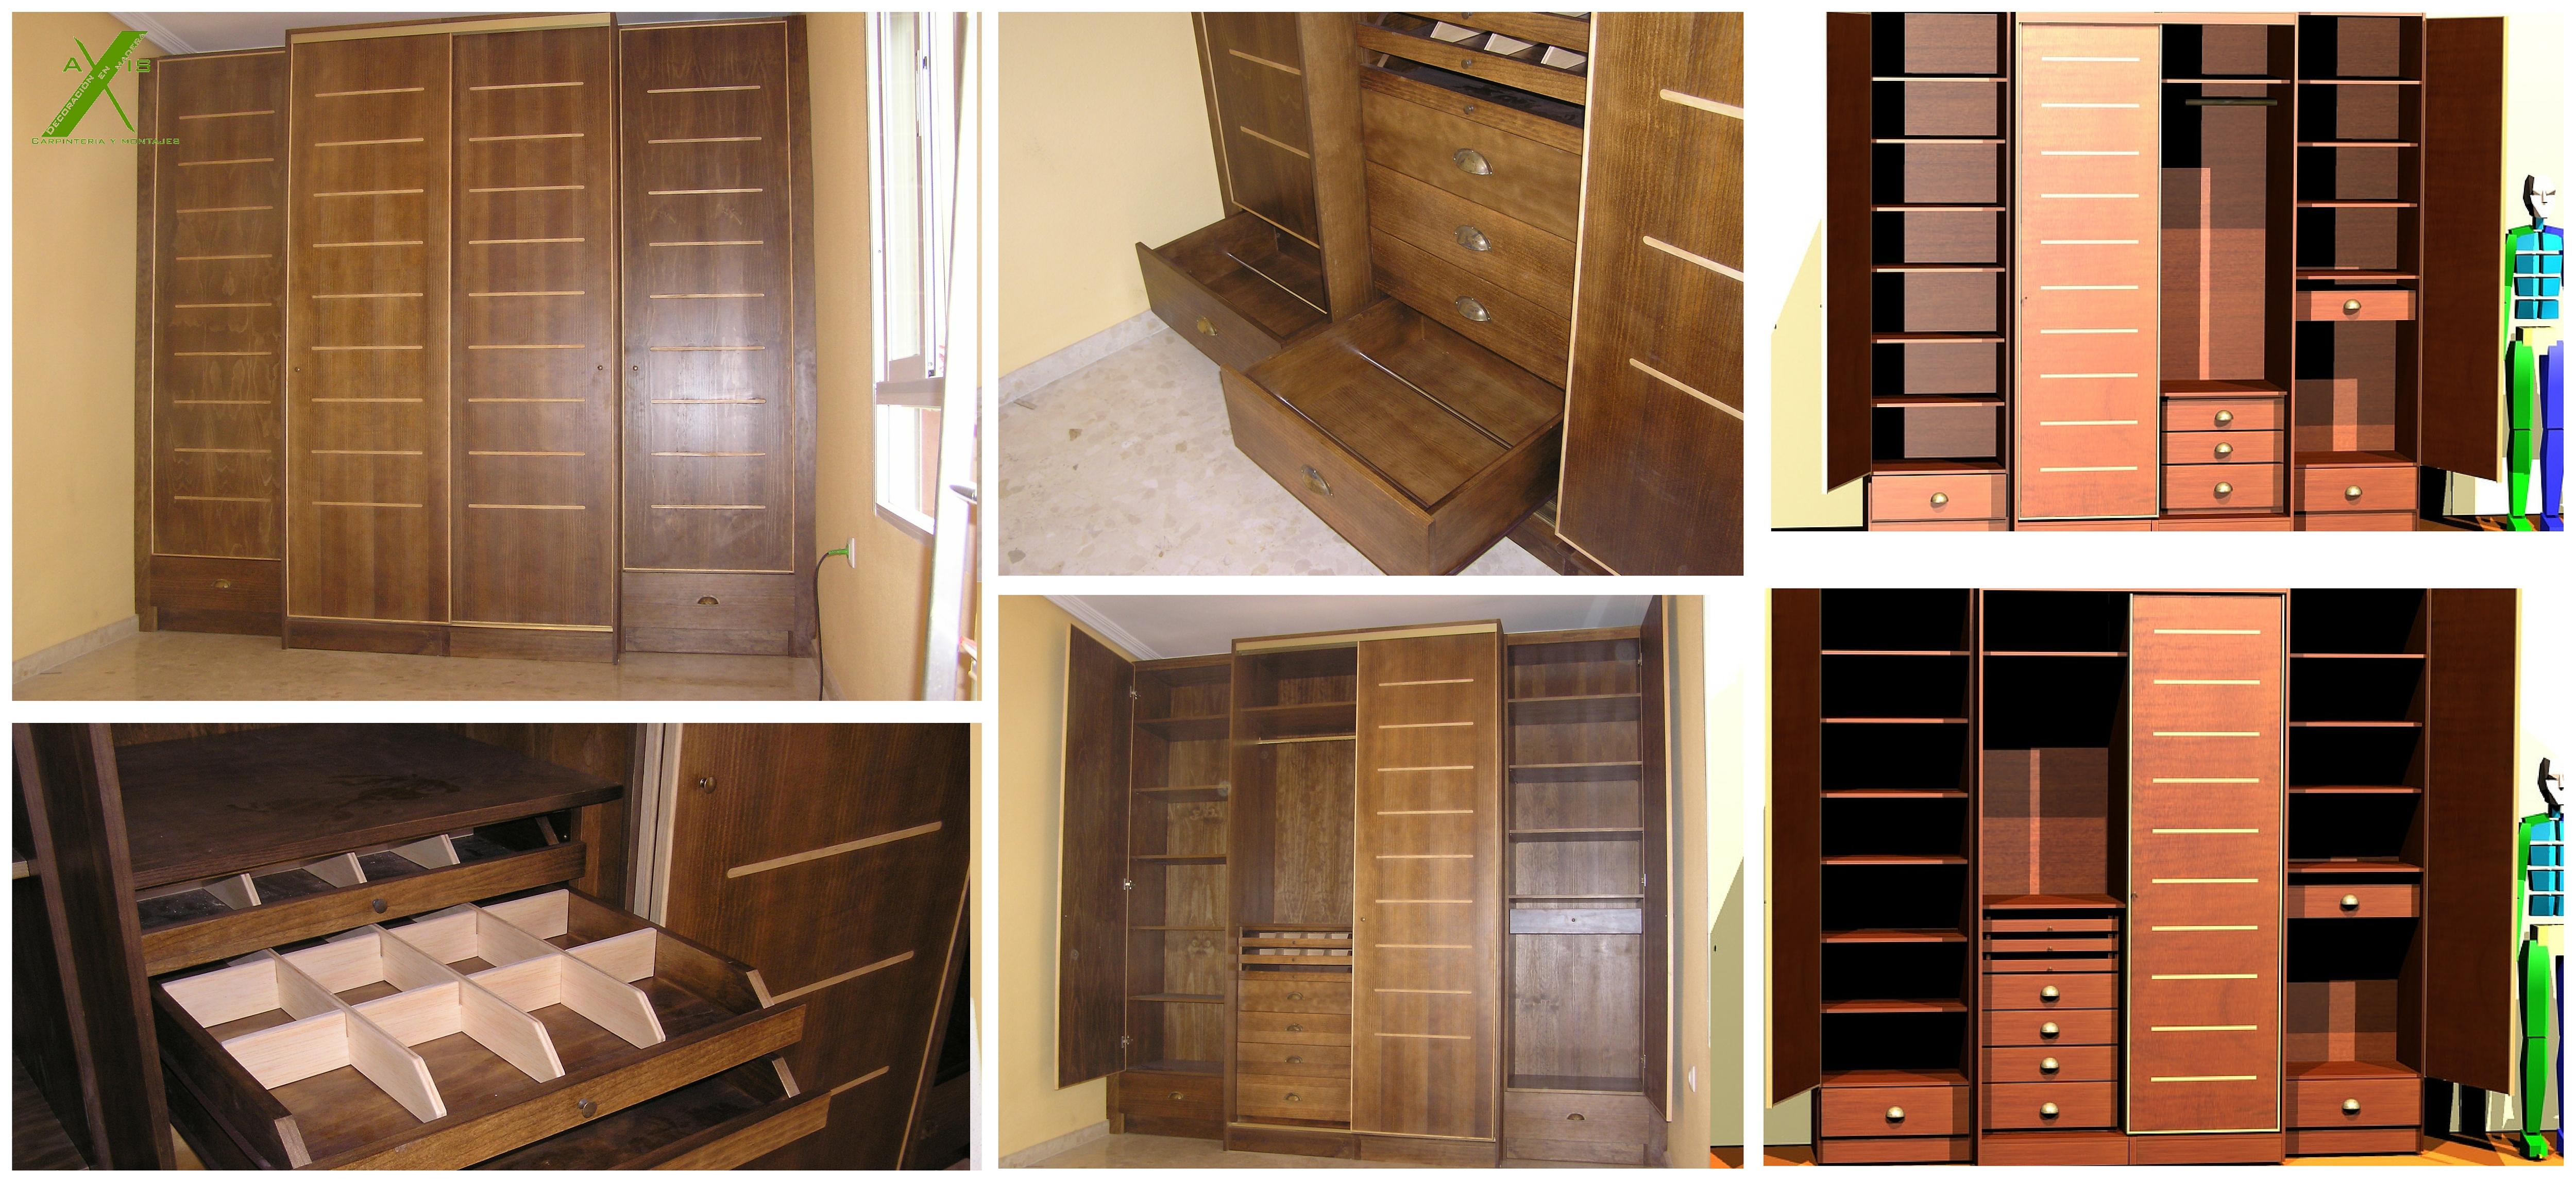 axis carpinteria y diseo muebles a medida vestidor badajoz extremadura 2